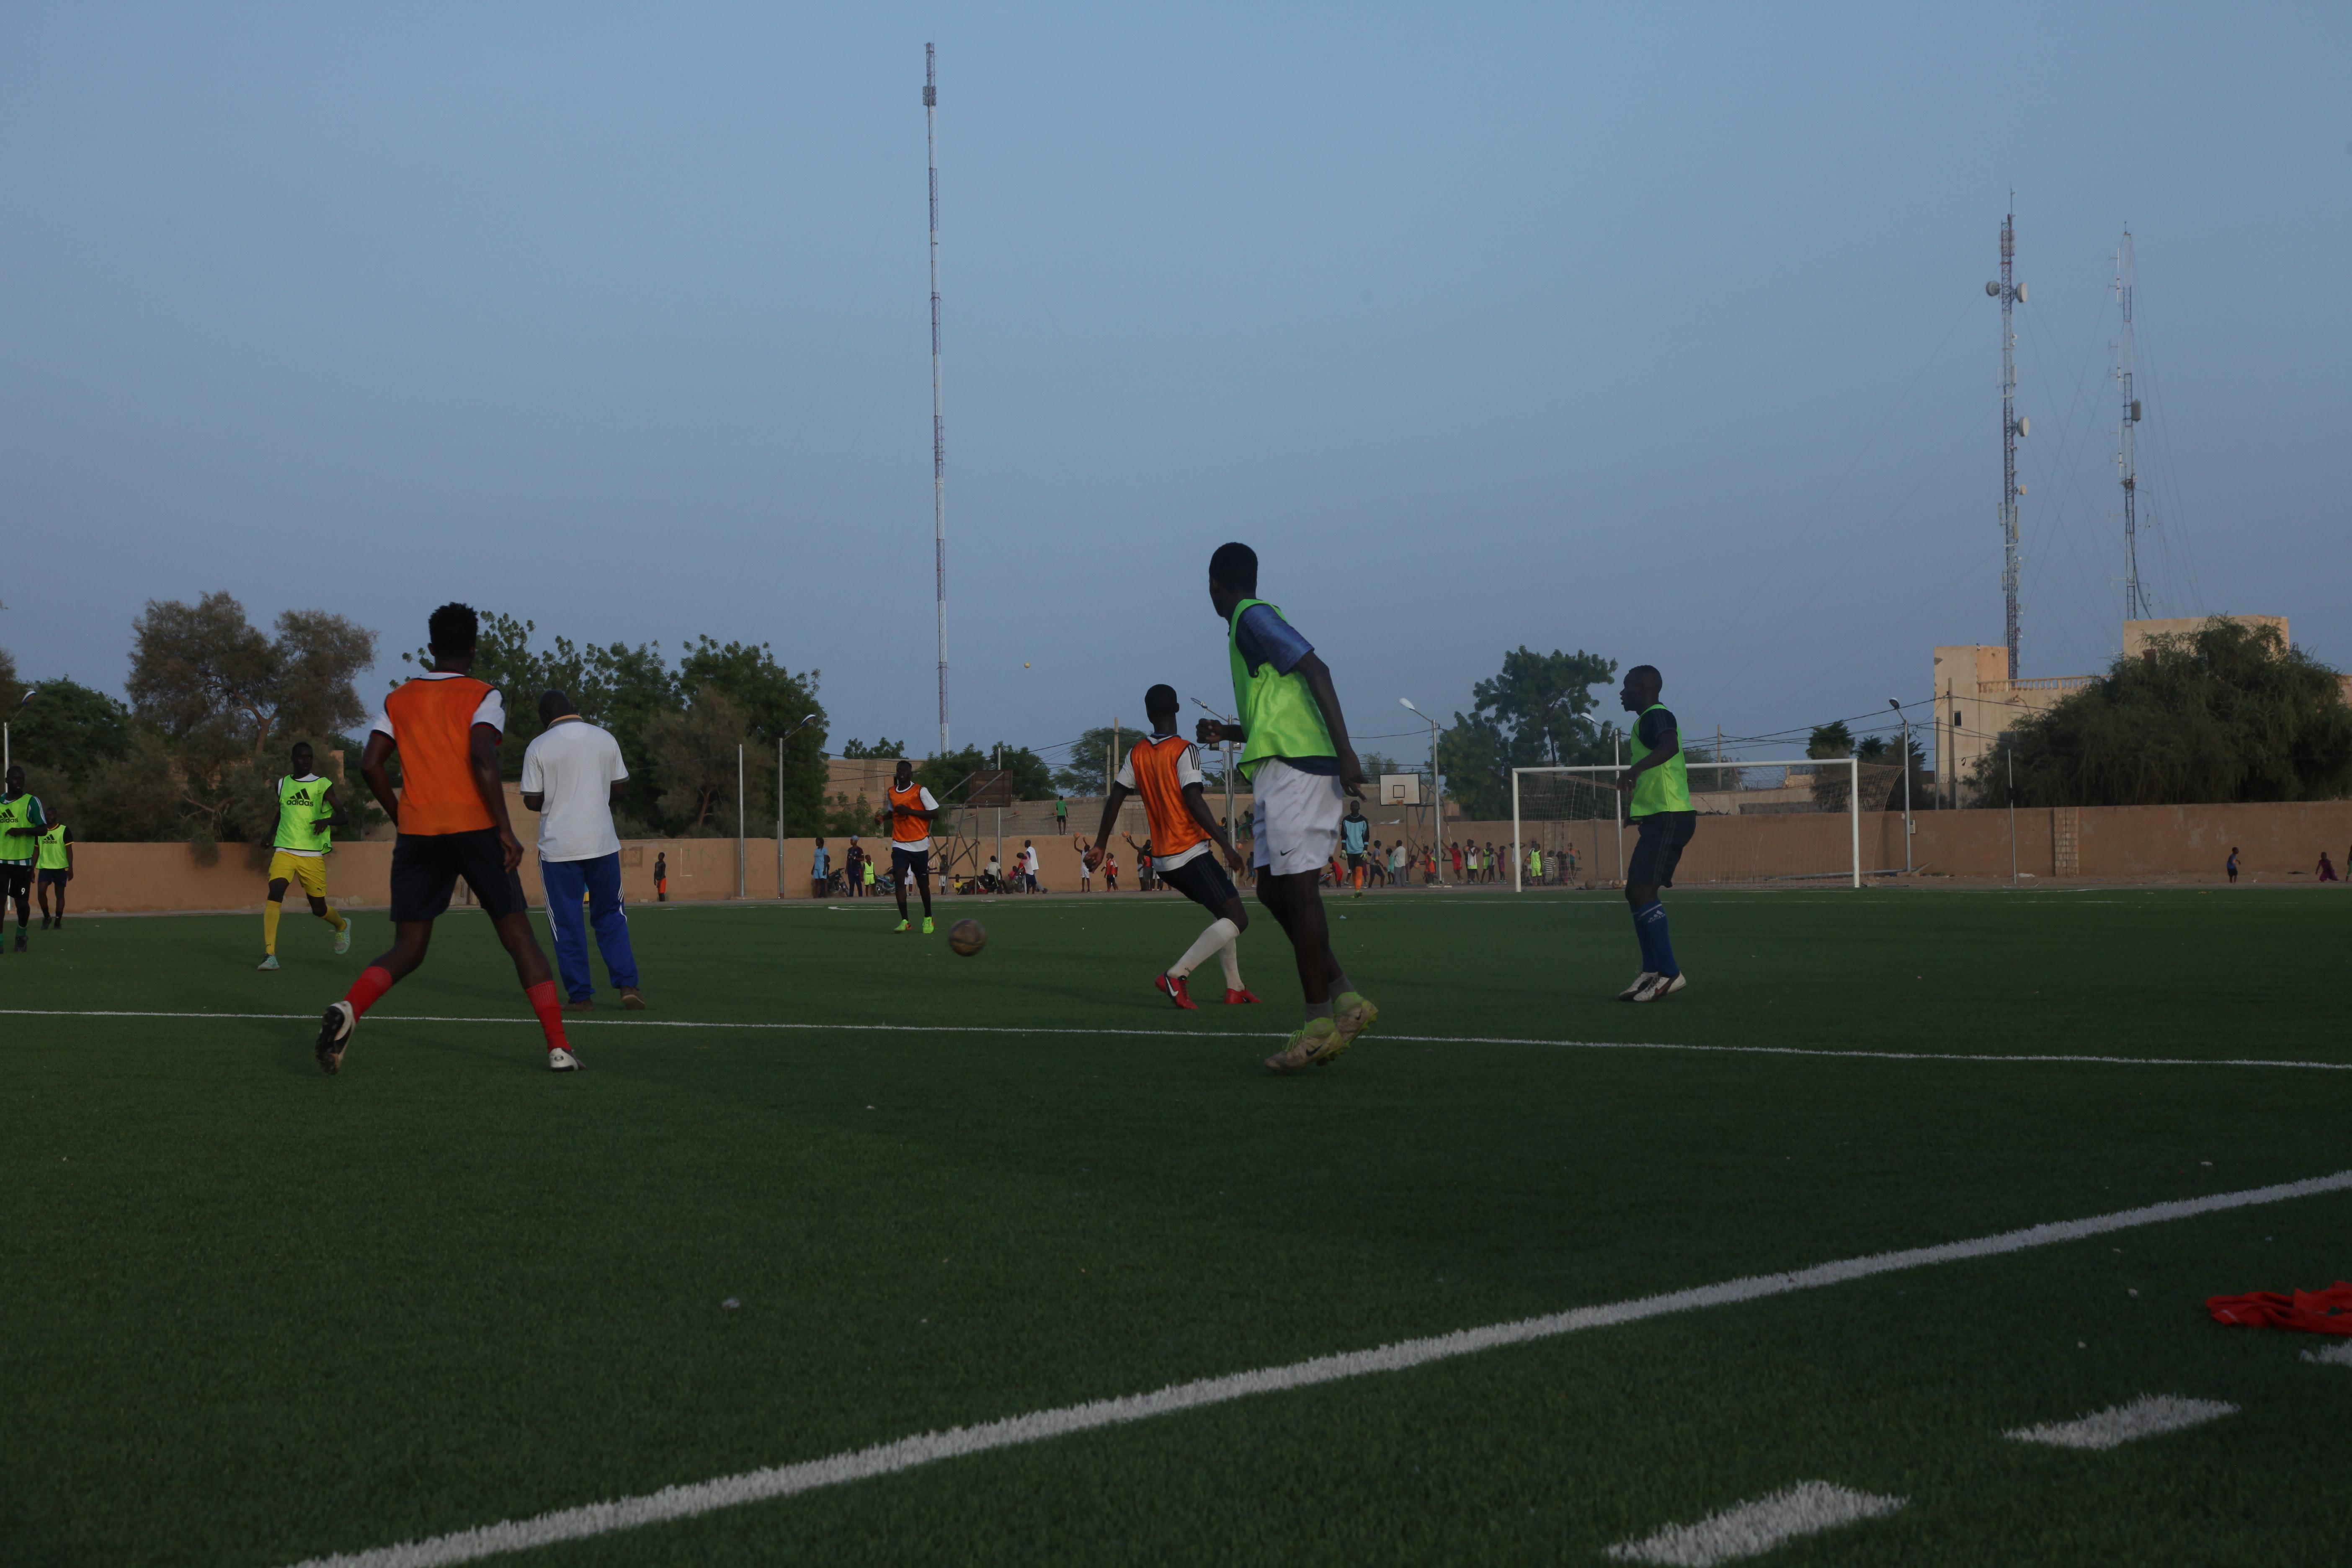 Une équipe de football s'entraîne sur le stade de Tombouctou, au mois d'août 2019.